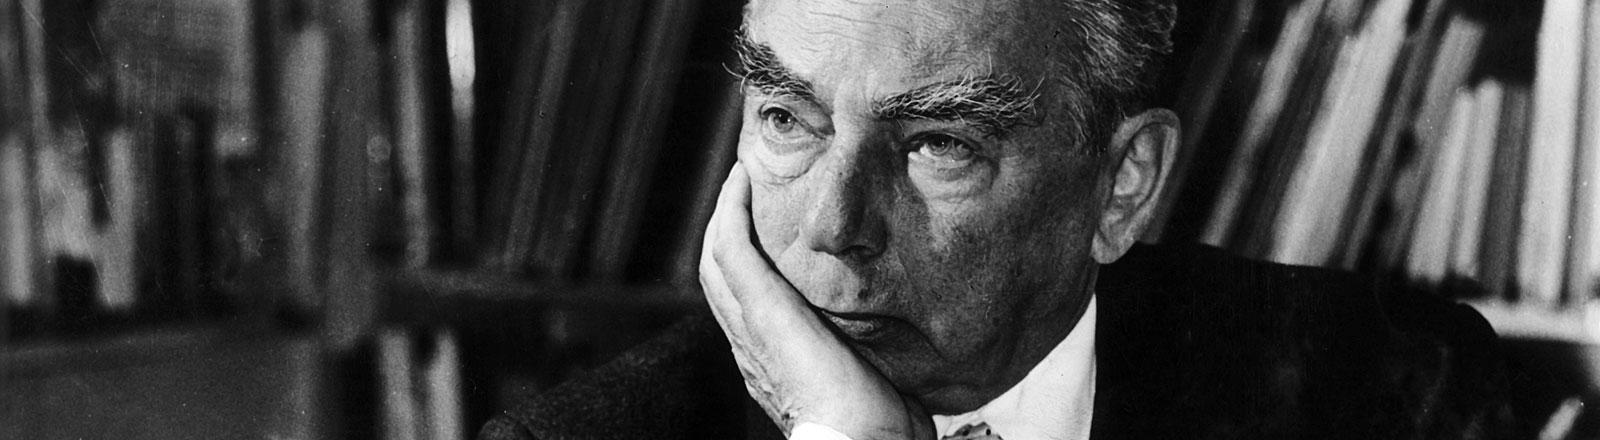 Der Schriftsteller Erich Kästner